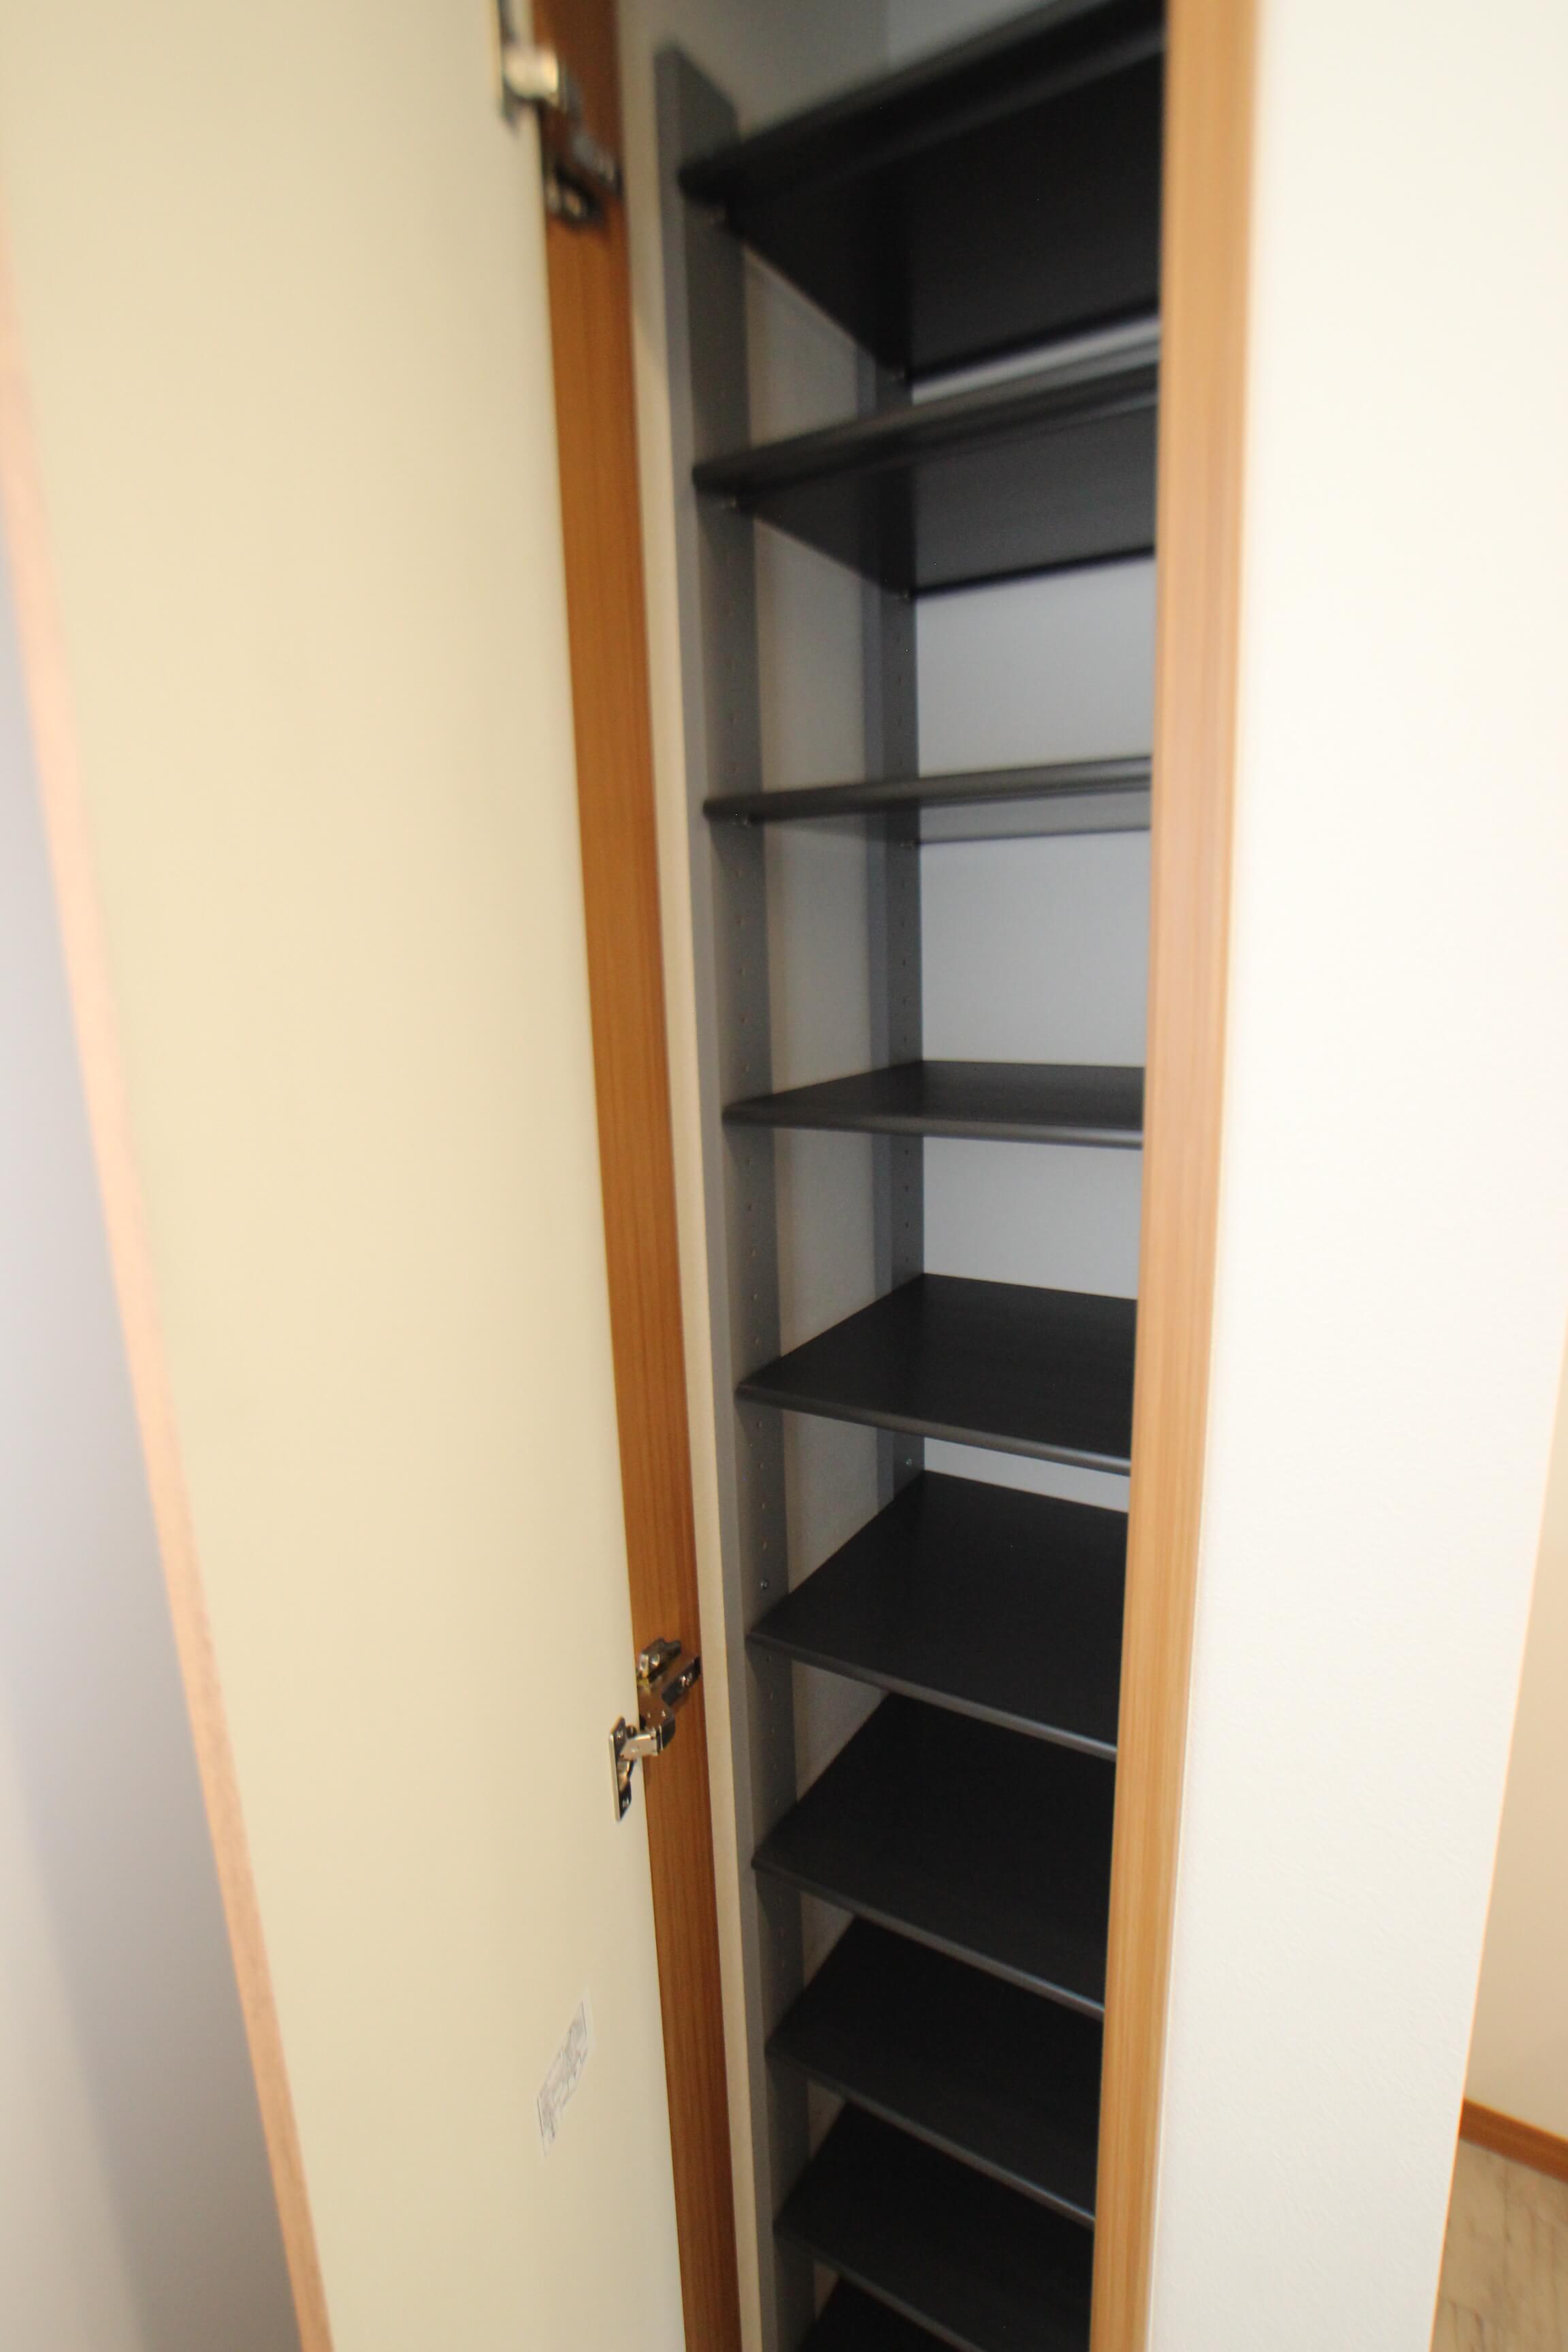 シューズボックス♪一人暮らしには十分な容量です。この中に片付けておけば、猫さんのいたずらも防止できますね。